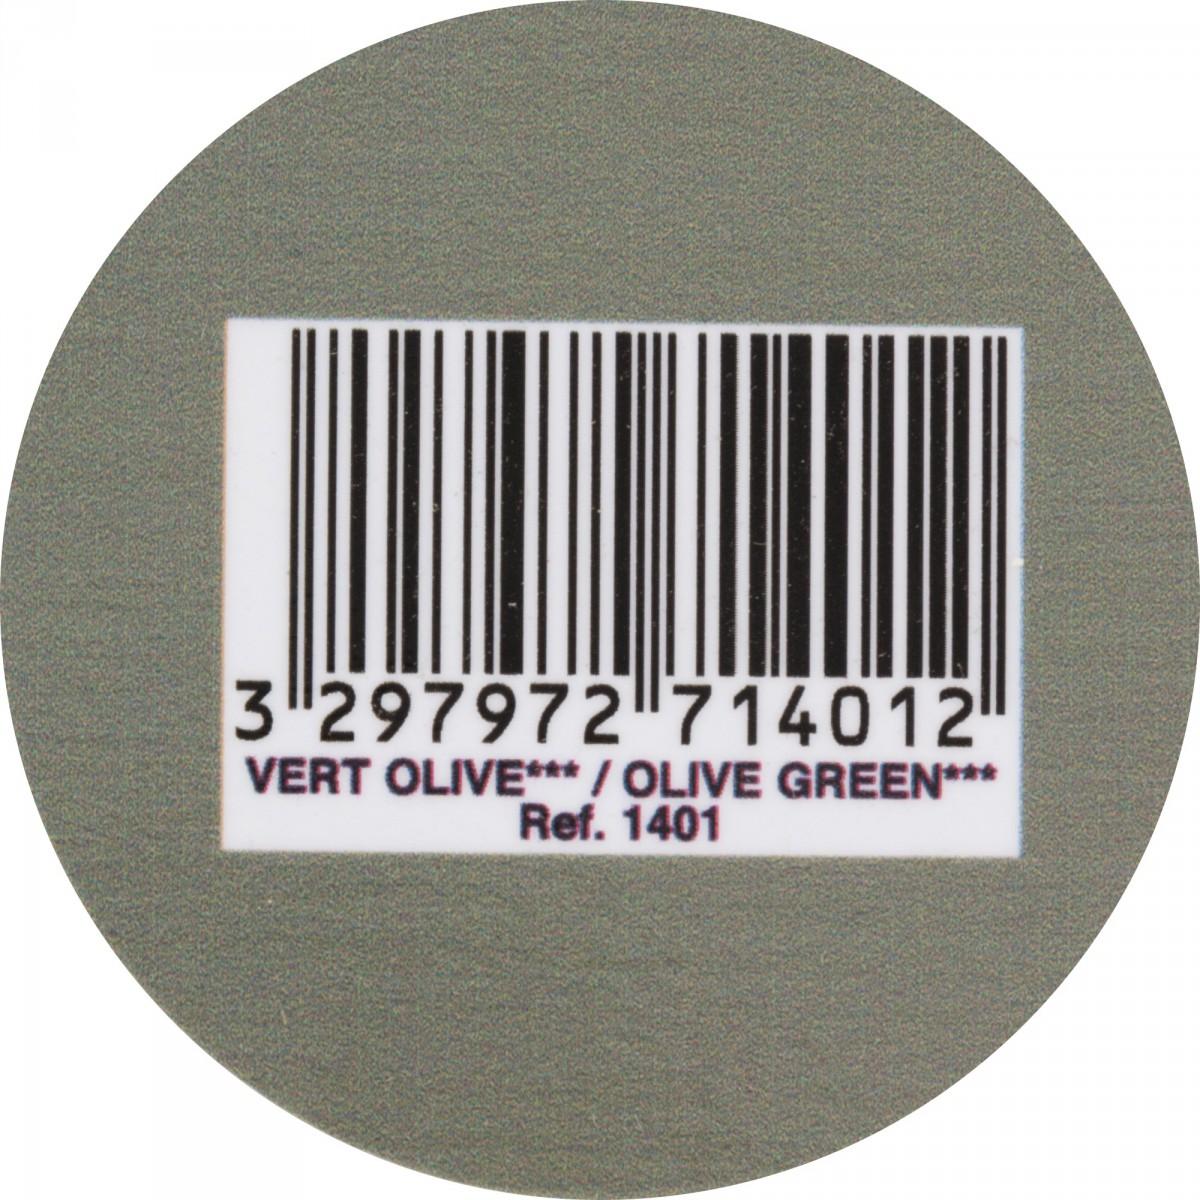 Laque de finition opaque mate décorative Owatrol - Vert olive - 2,5 l